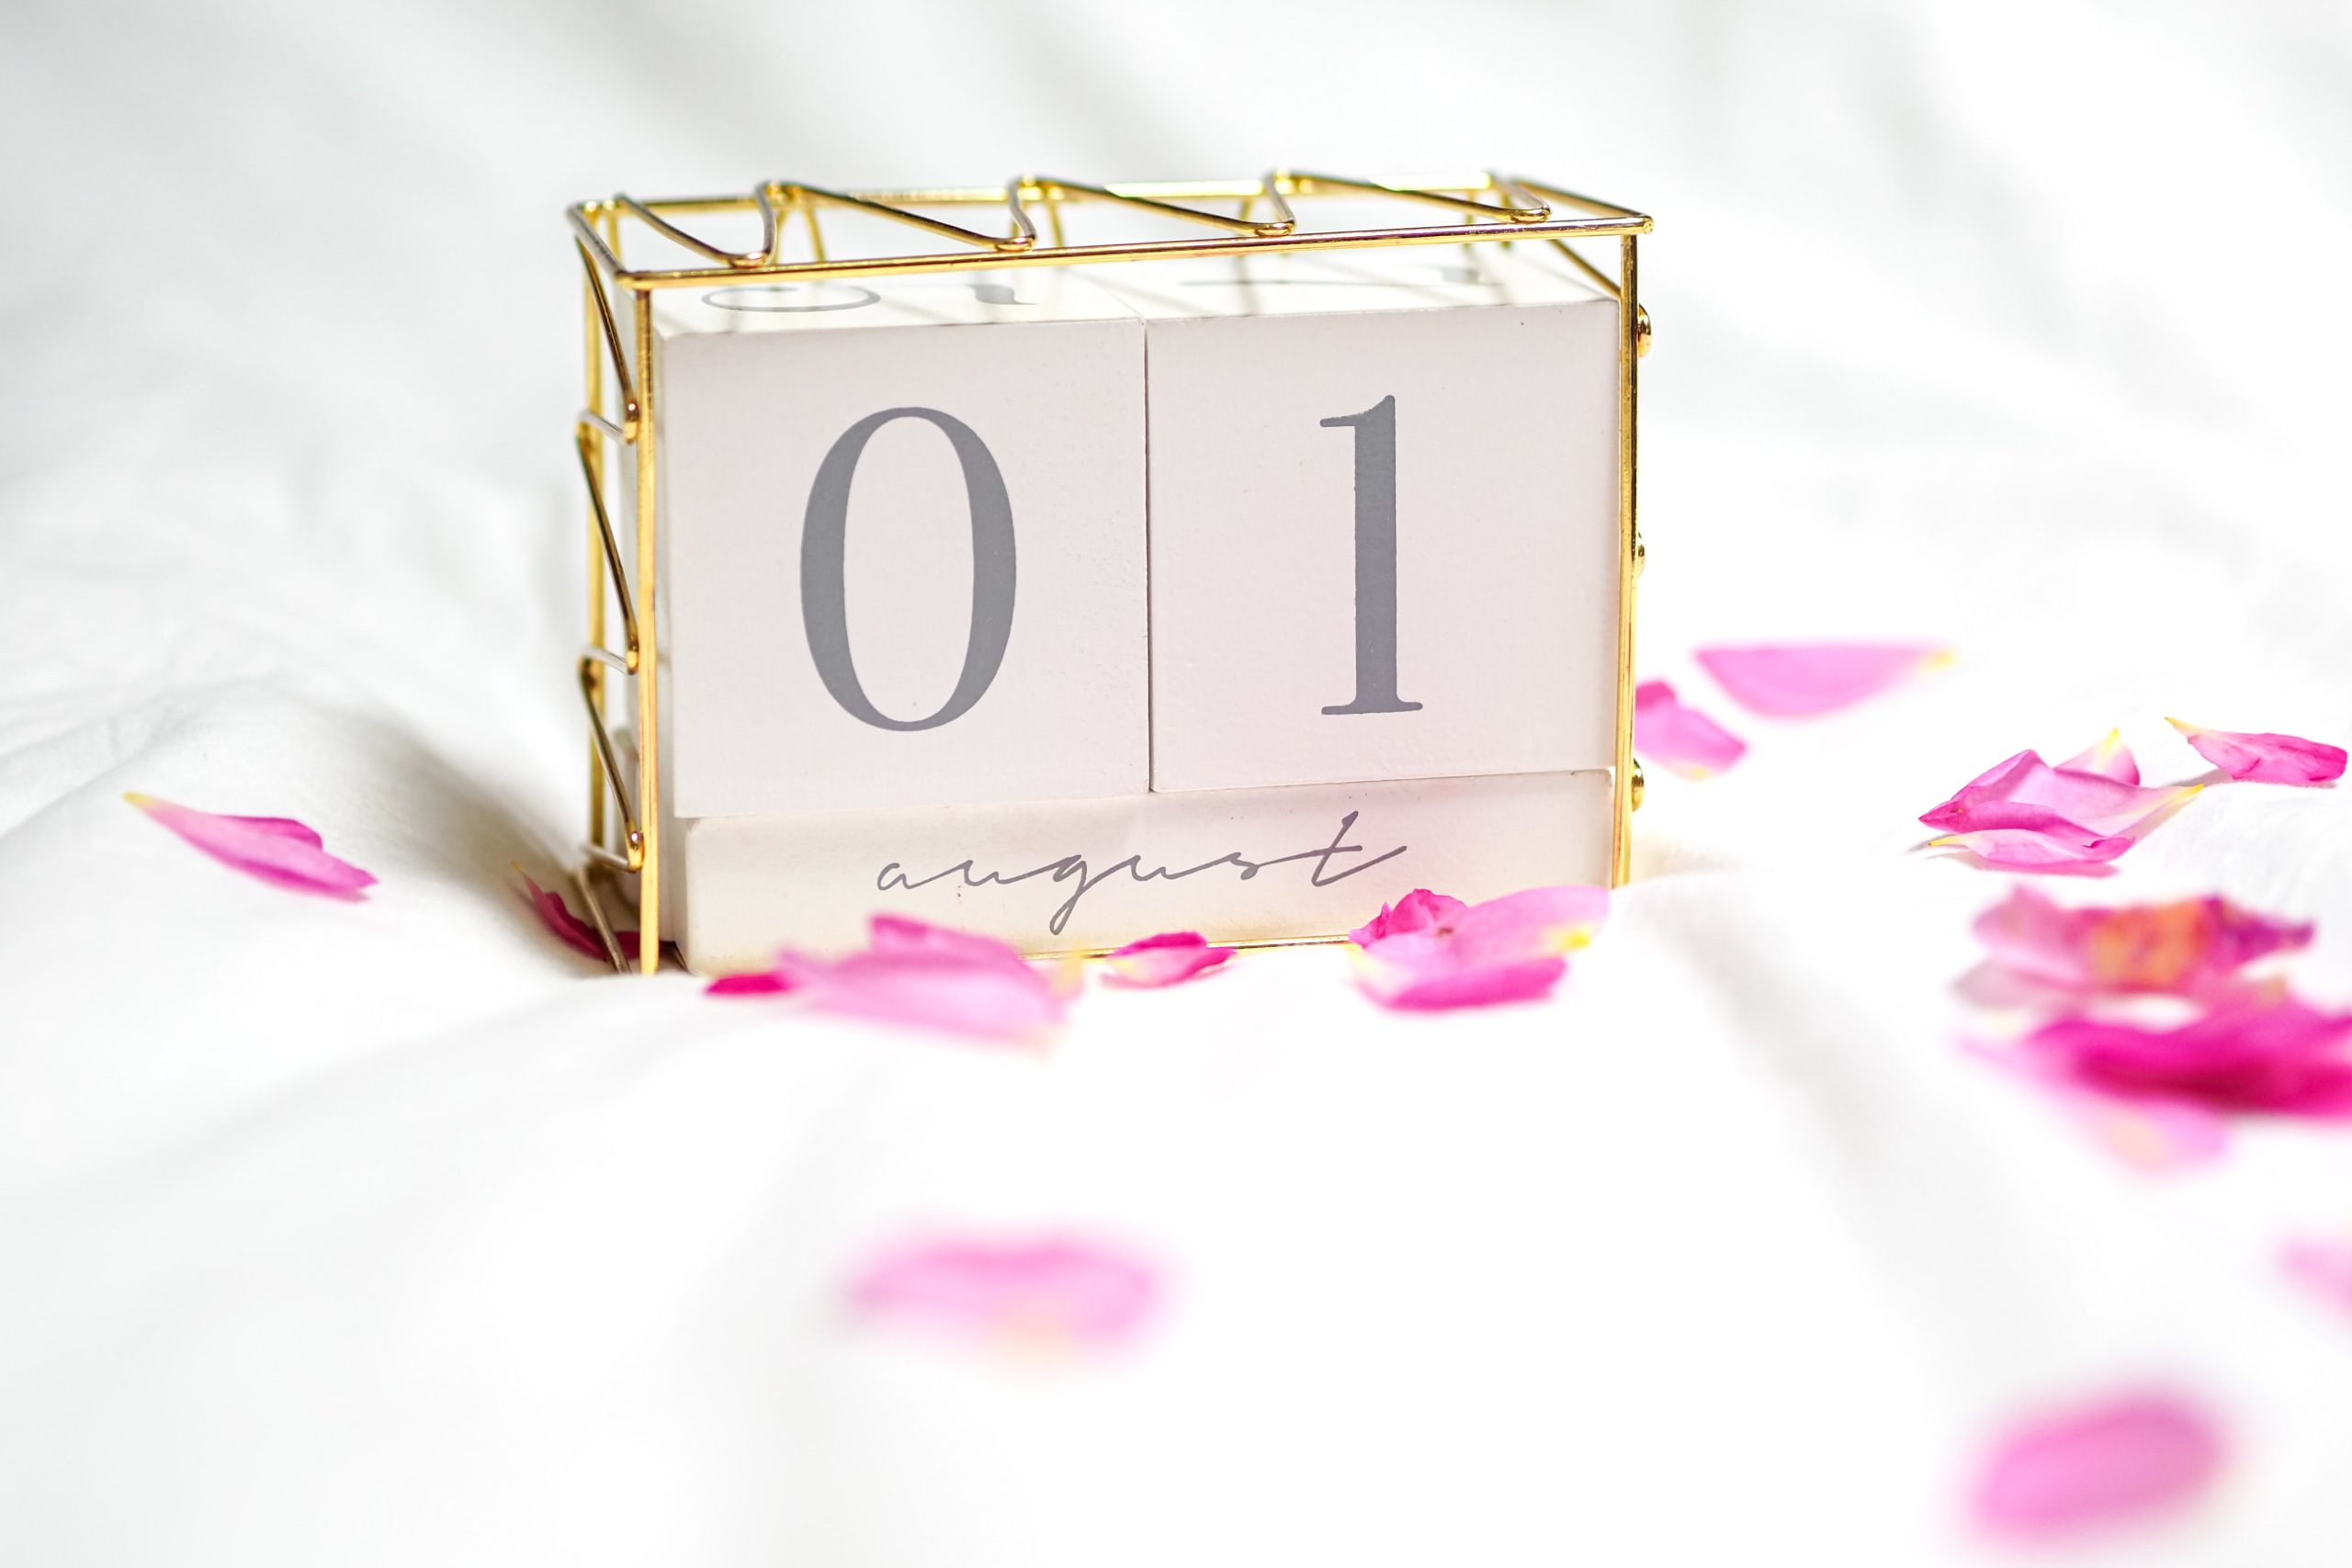 Calendar date - August 1